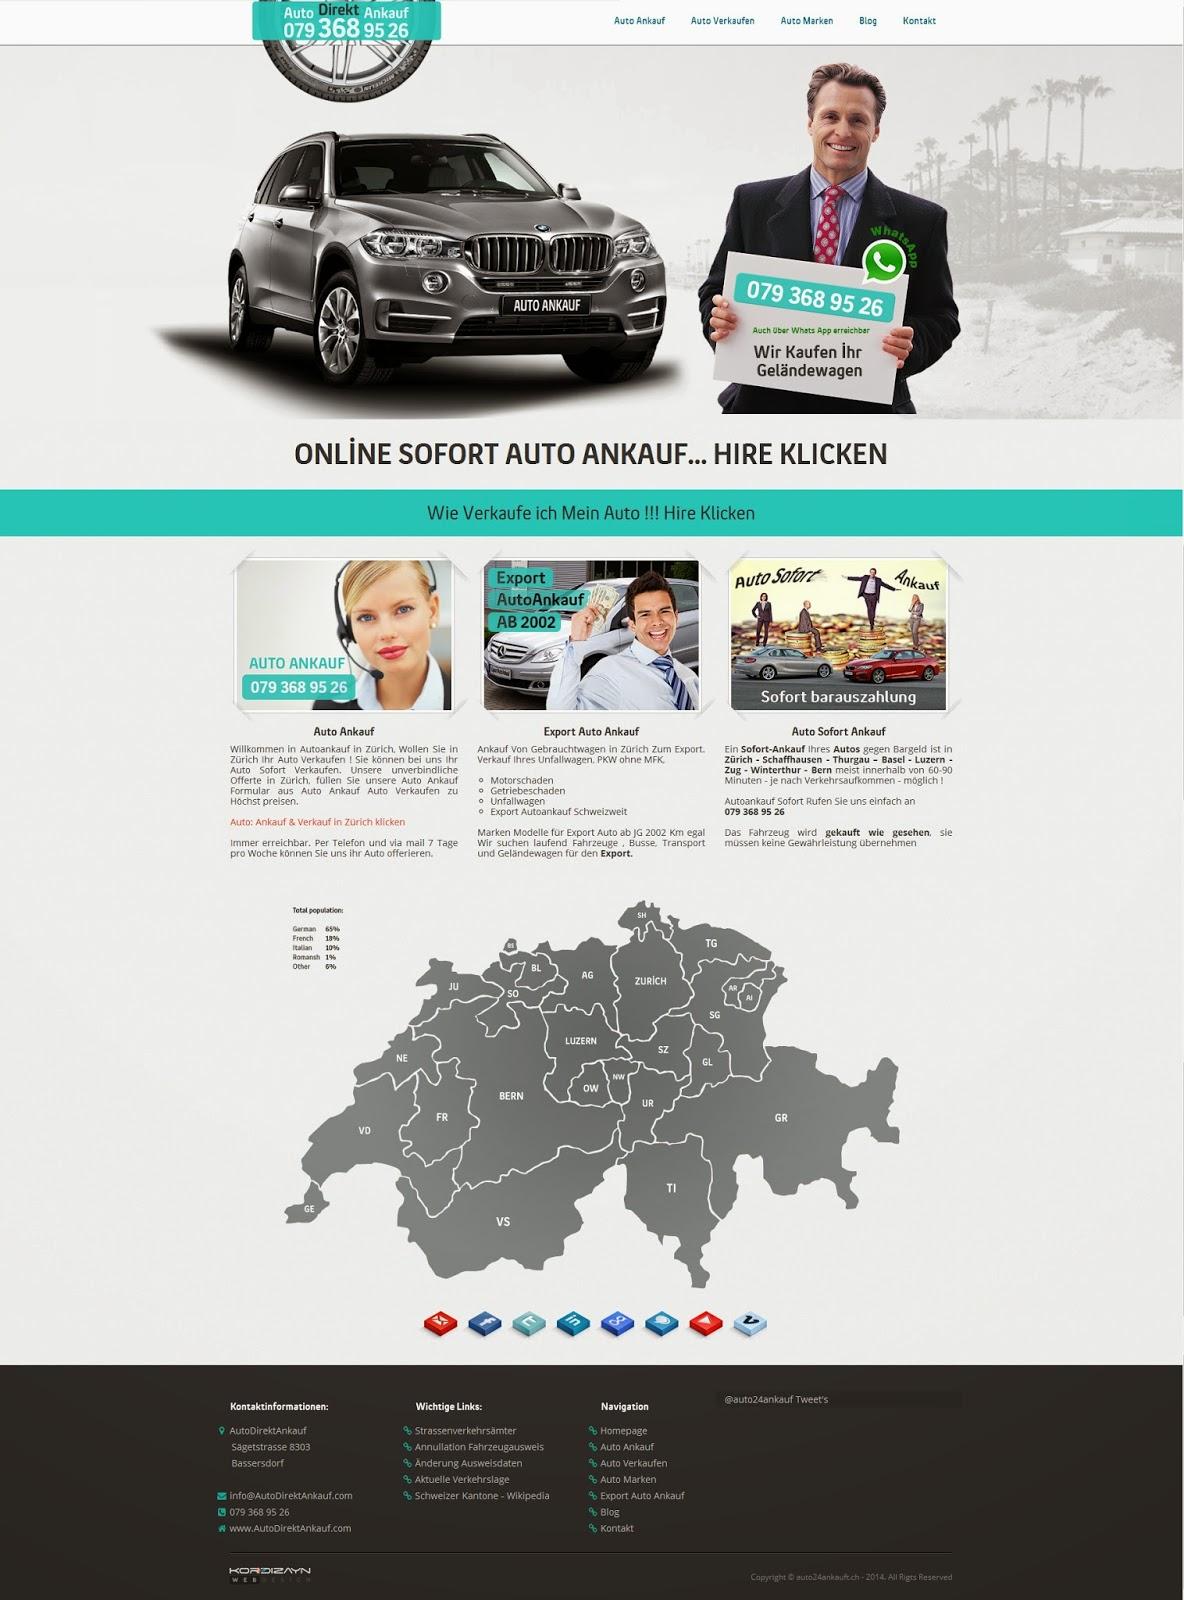 Auto Direkt Ankauf  Ana Sayfa